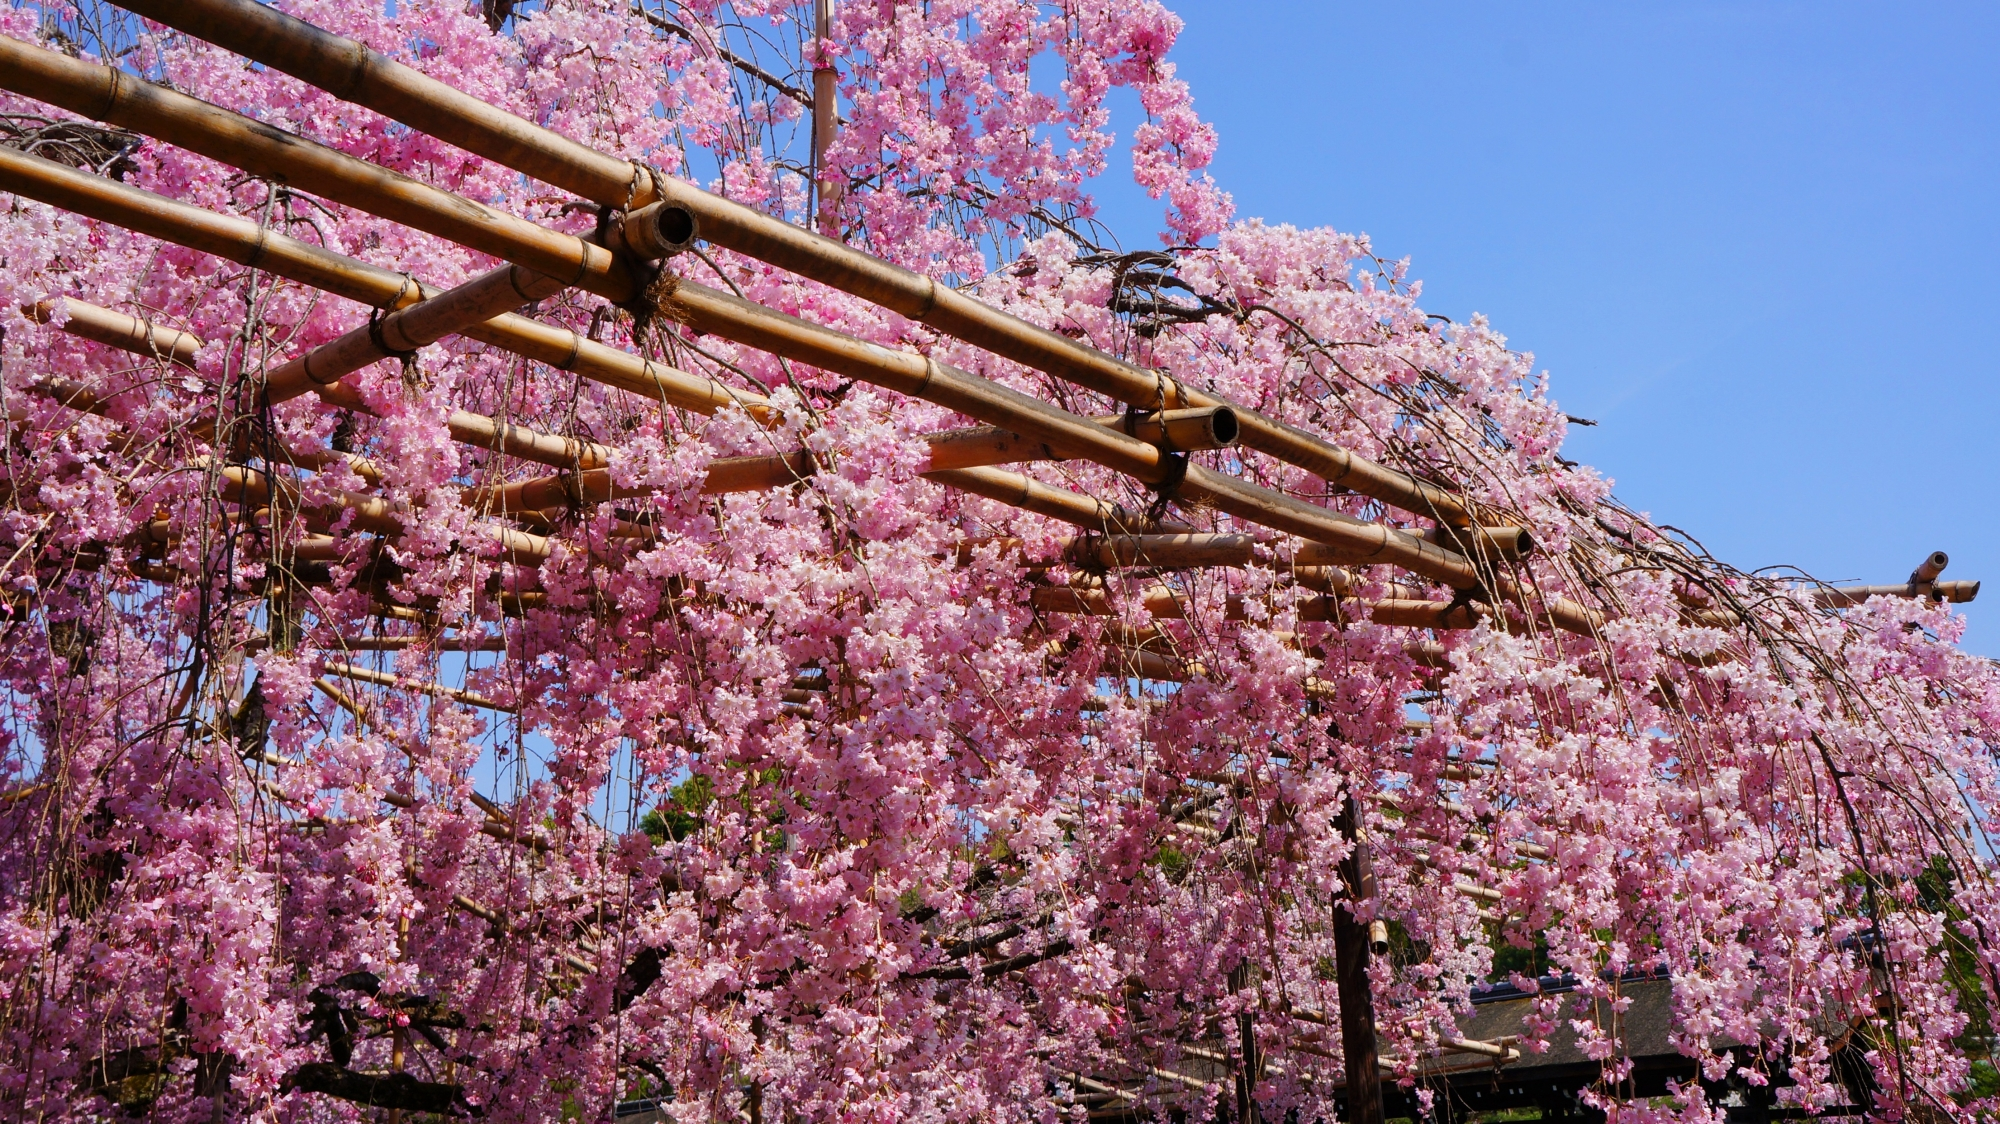 青空から降り注ぐ華やかなピンクの桜